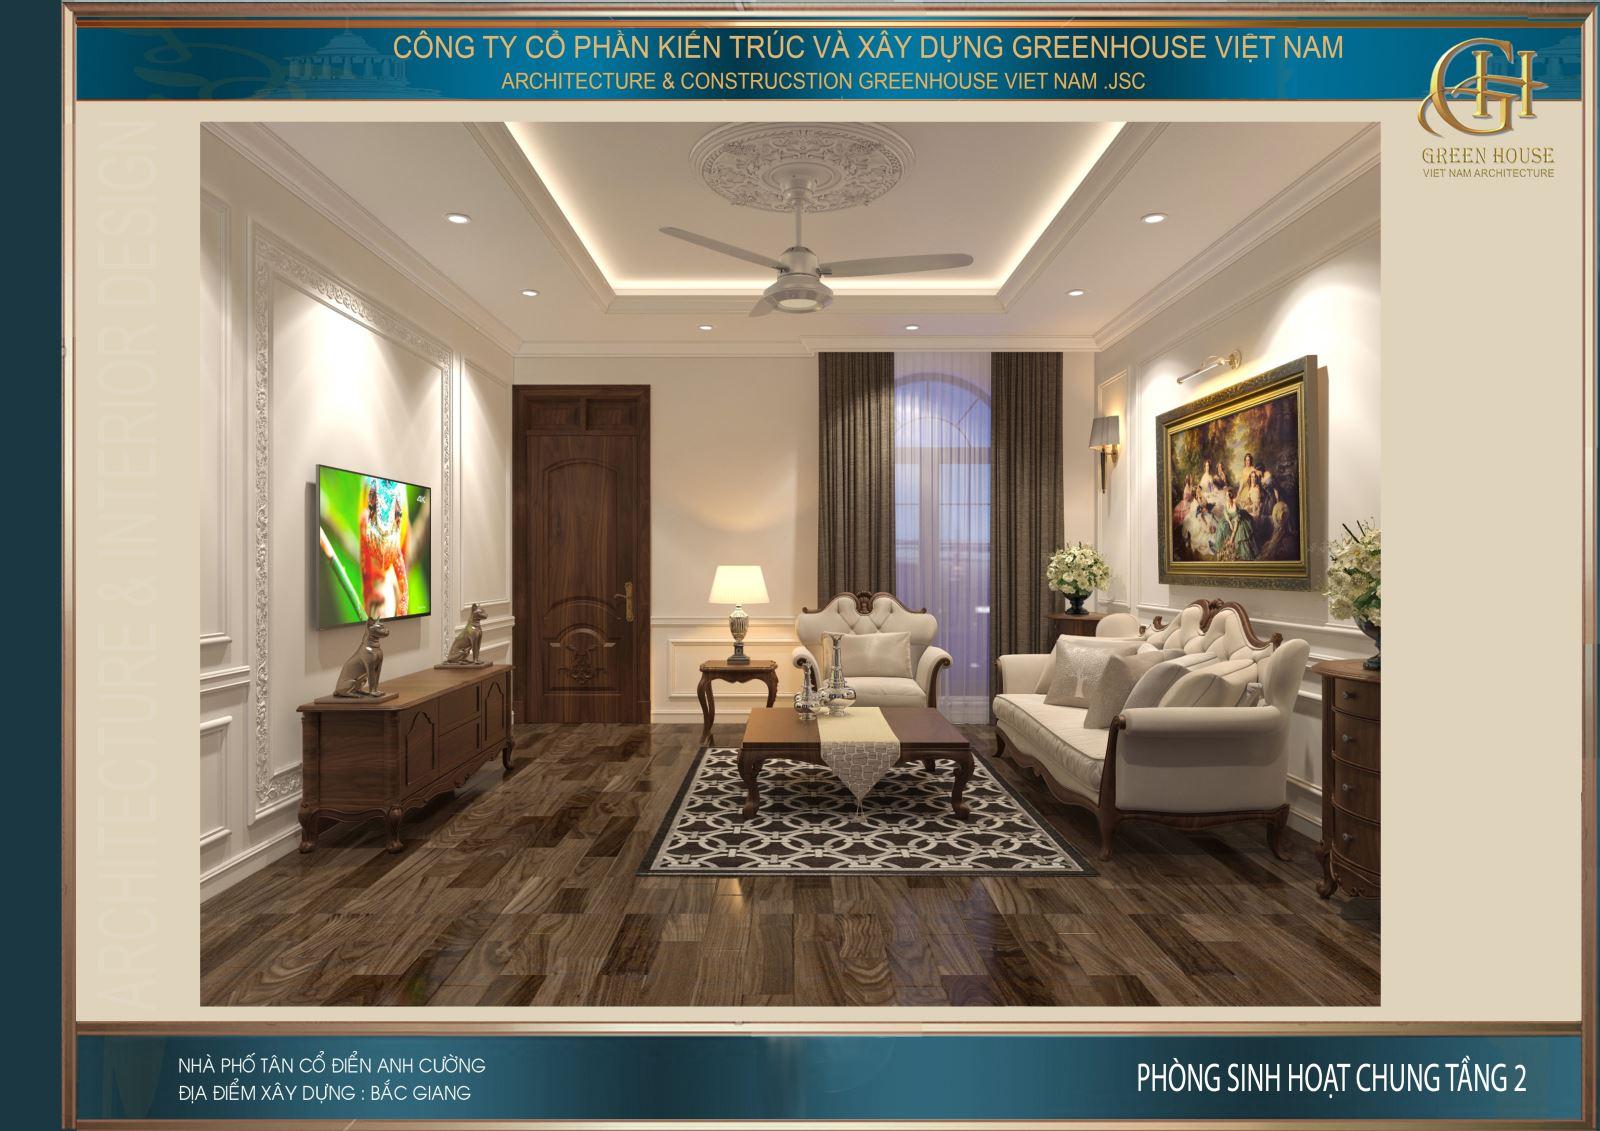 Thiết kế nội thất sàn gỗ sẫm màu mang đến vẻ đẹp sang trọng